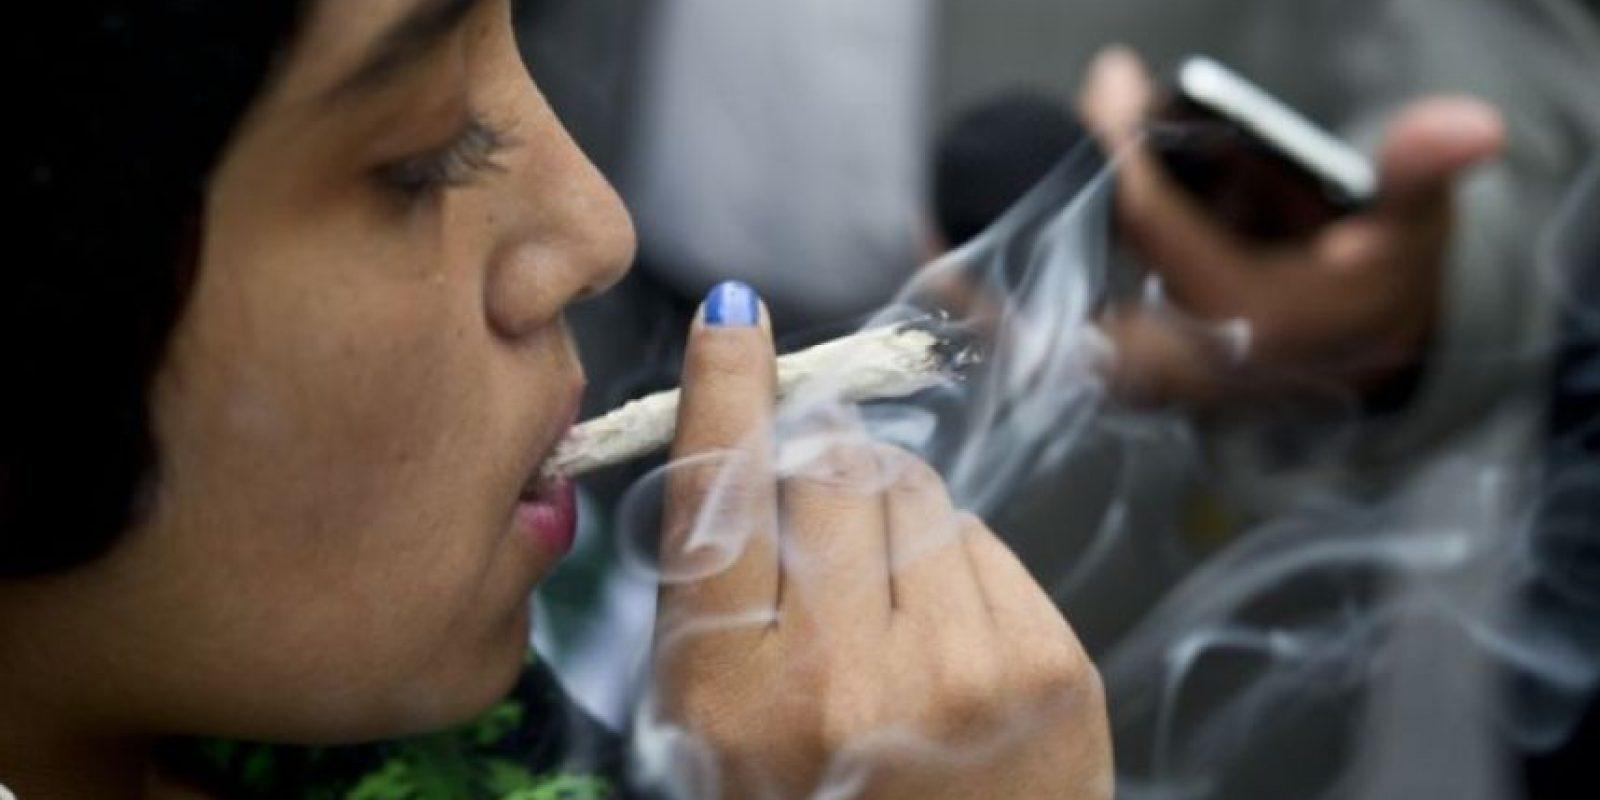 Pero no considera el consumo como un delito, sino más bien como una enfermedad que necesita de tratamiento y rehabilitación. Foto:Getty Images